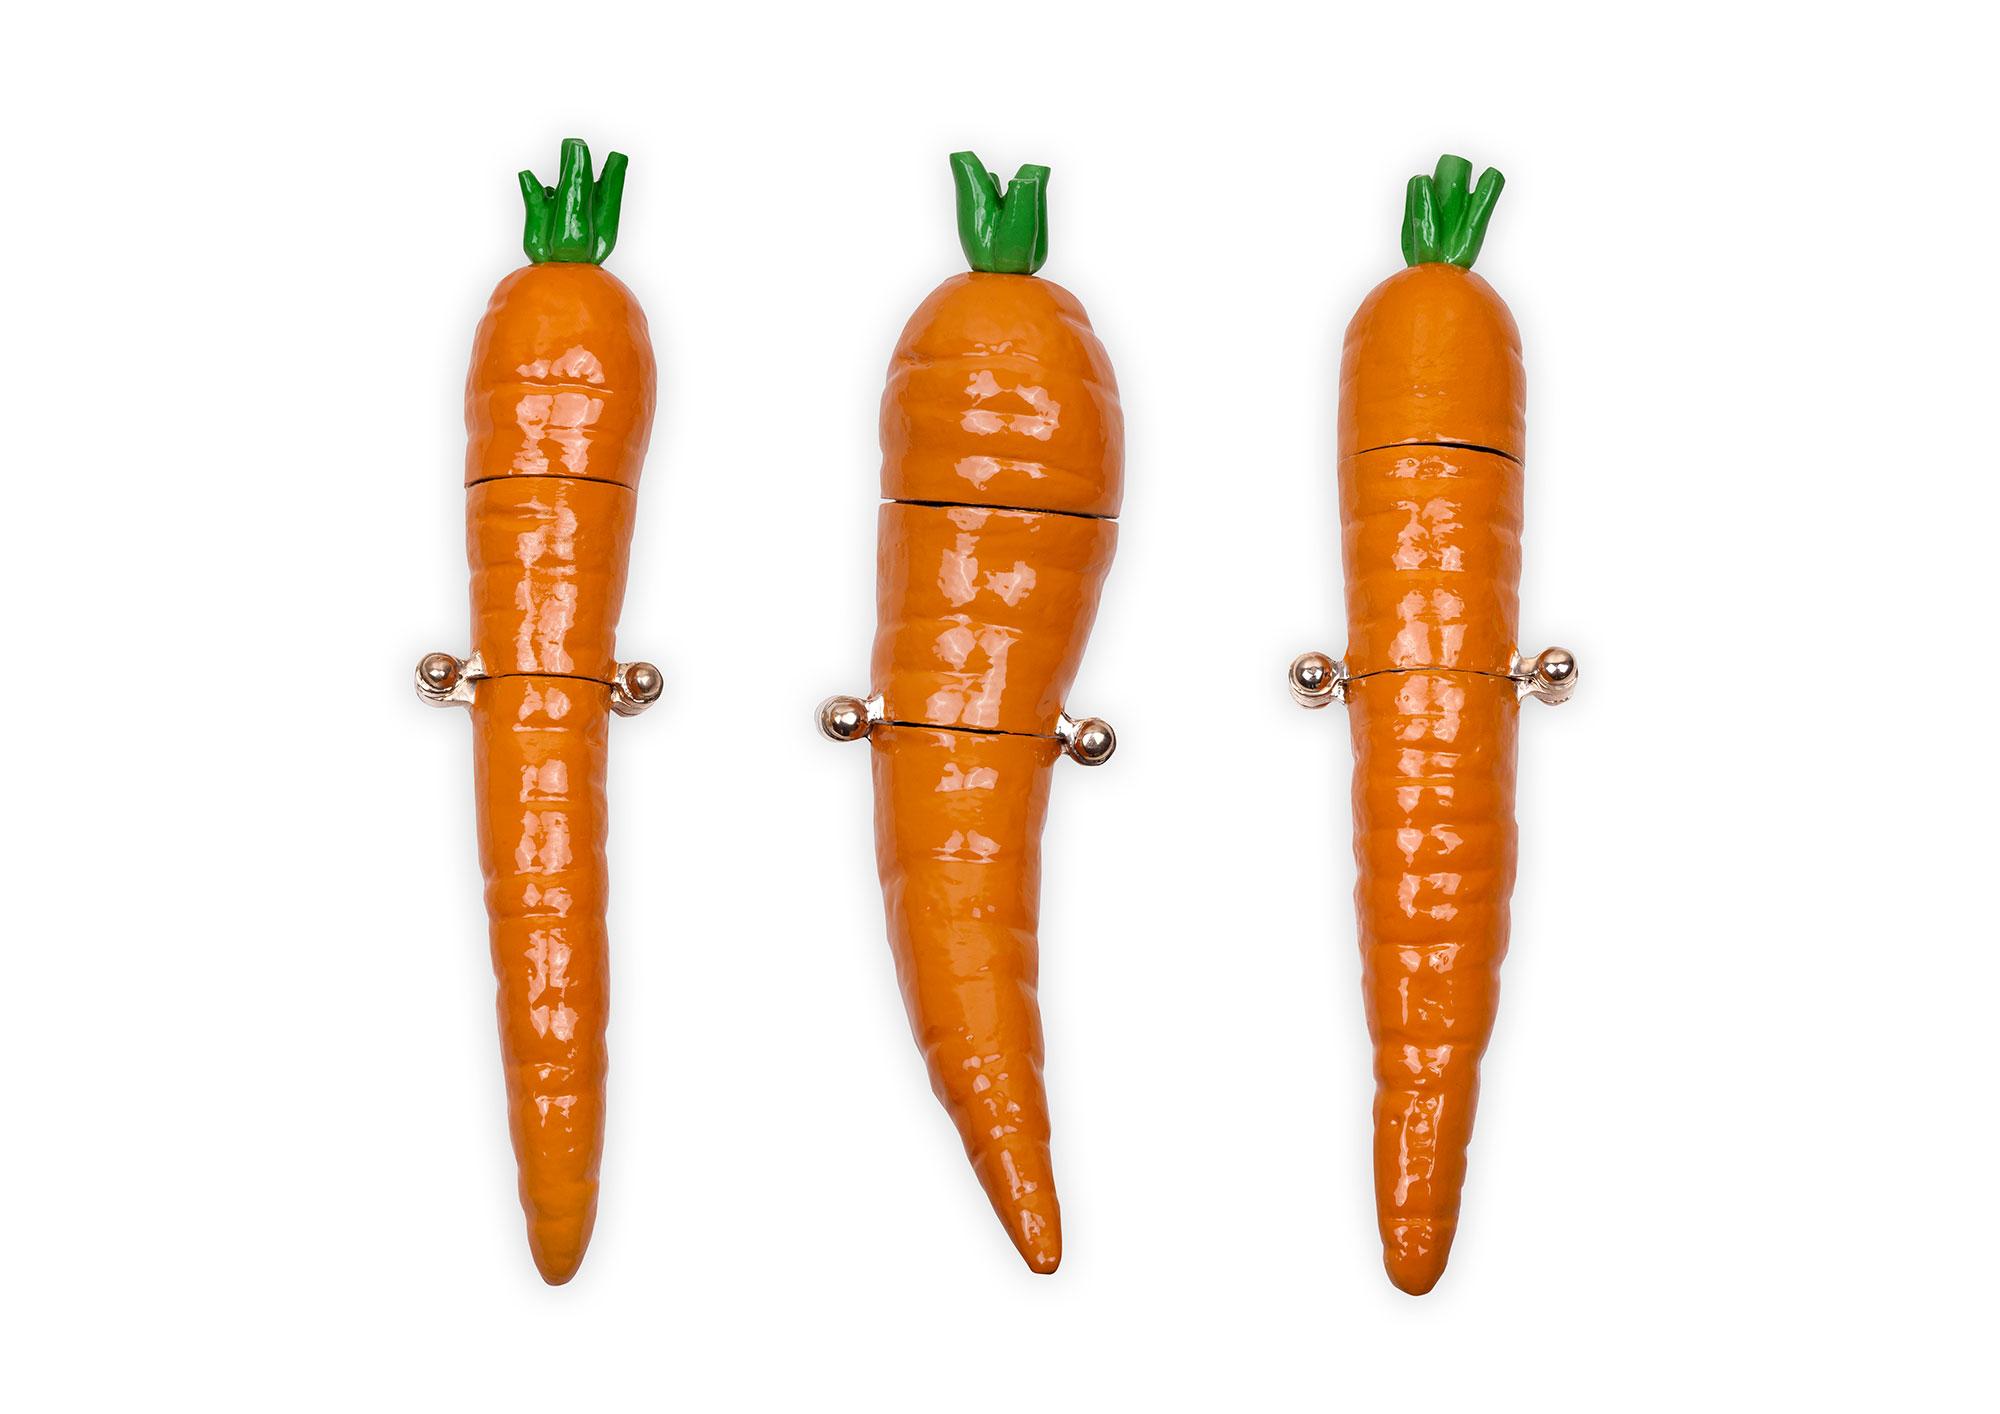 Studio-Job-Carrots-3-ph-Loek-Blonk